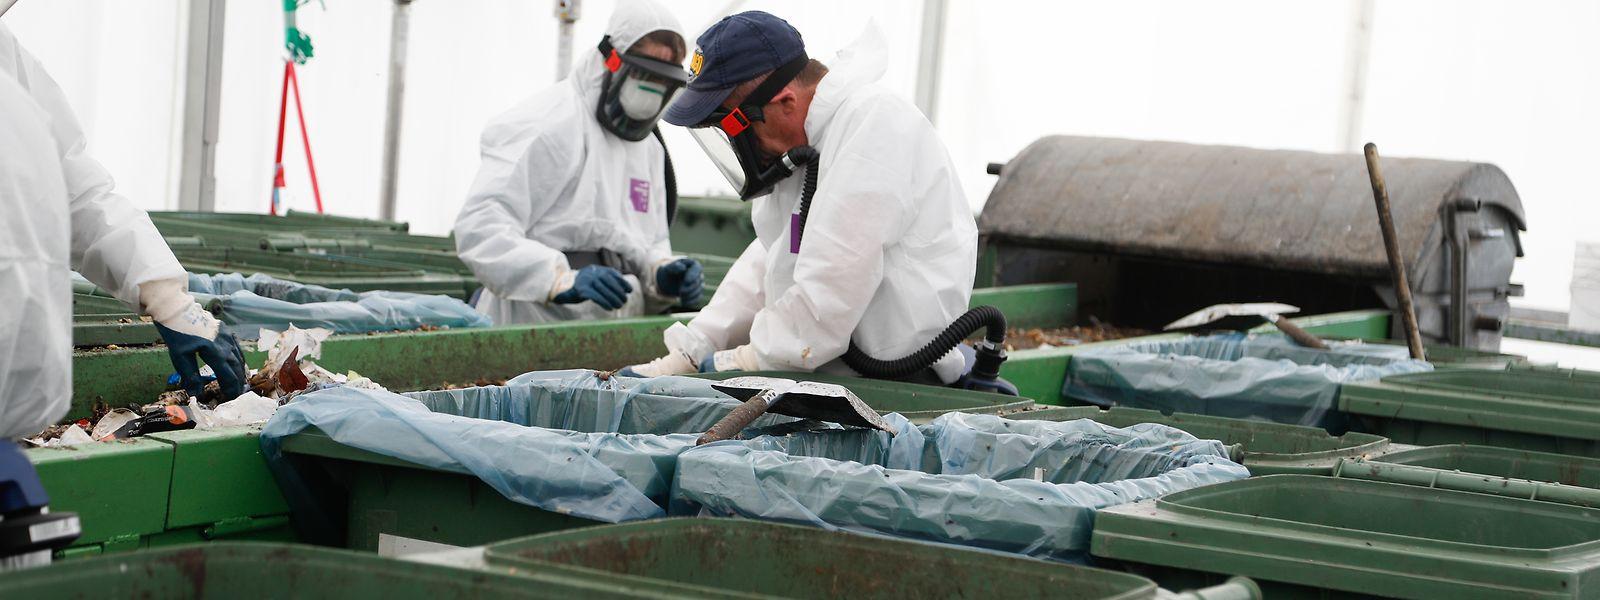 """Im Logistikcenter der """"SuperDrecksKëscht"""" in Colmar-Berg sortieren Mitarbeiter Restmüll. Etwa 5.000 Unternehmen und fast alle Gemeinden lassen ihren Abfall von der SDK entsorgen."""